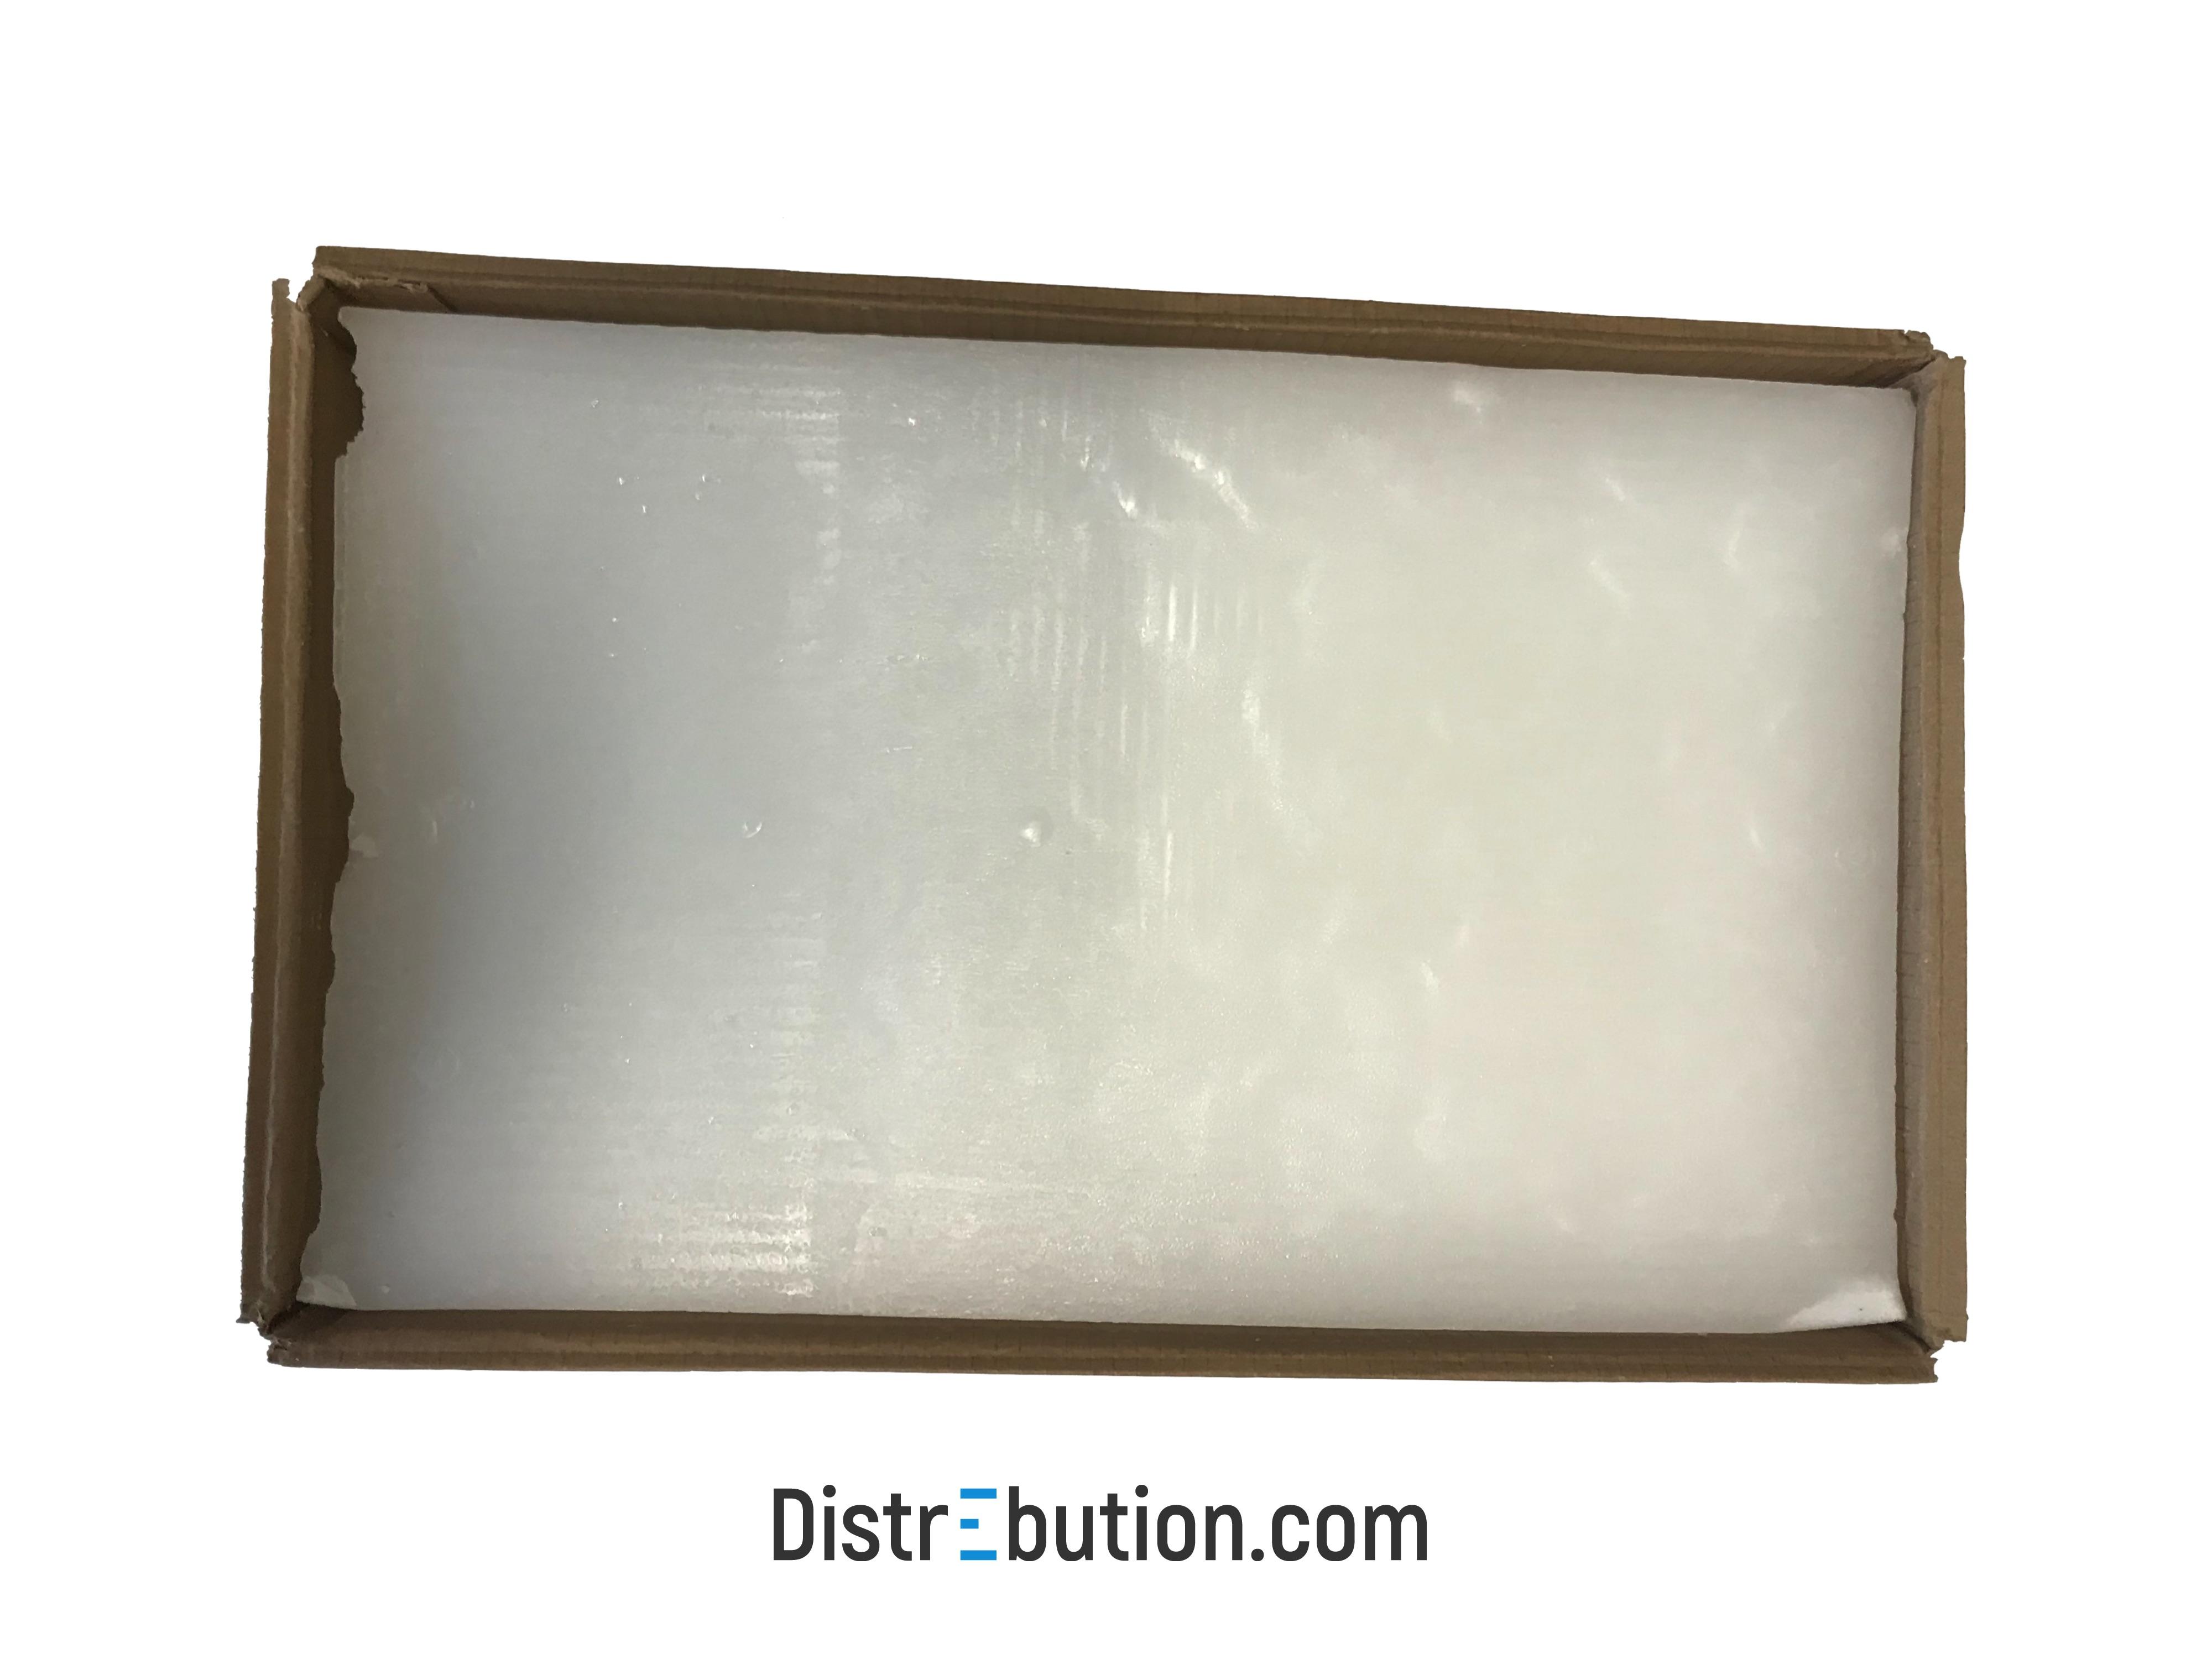 wei/ß bis leicht transparent DistrEbution 10 kg Paraffinwachs 56-58/°C in Platten//Tafeln Kerzen gie/ßen f/ür Kerzenherstellung